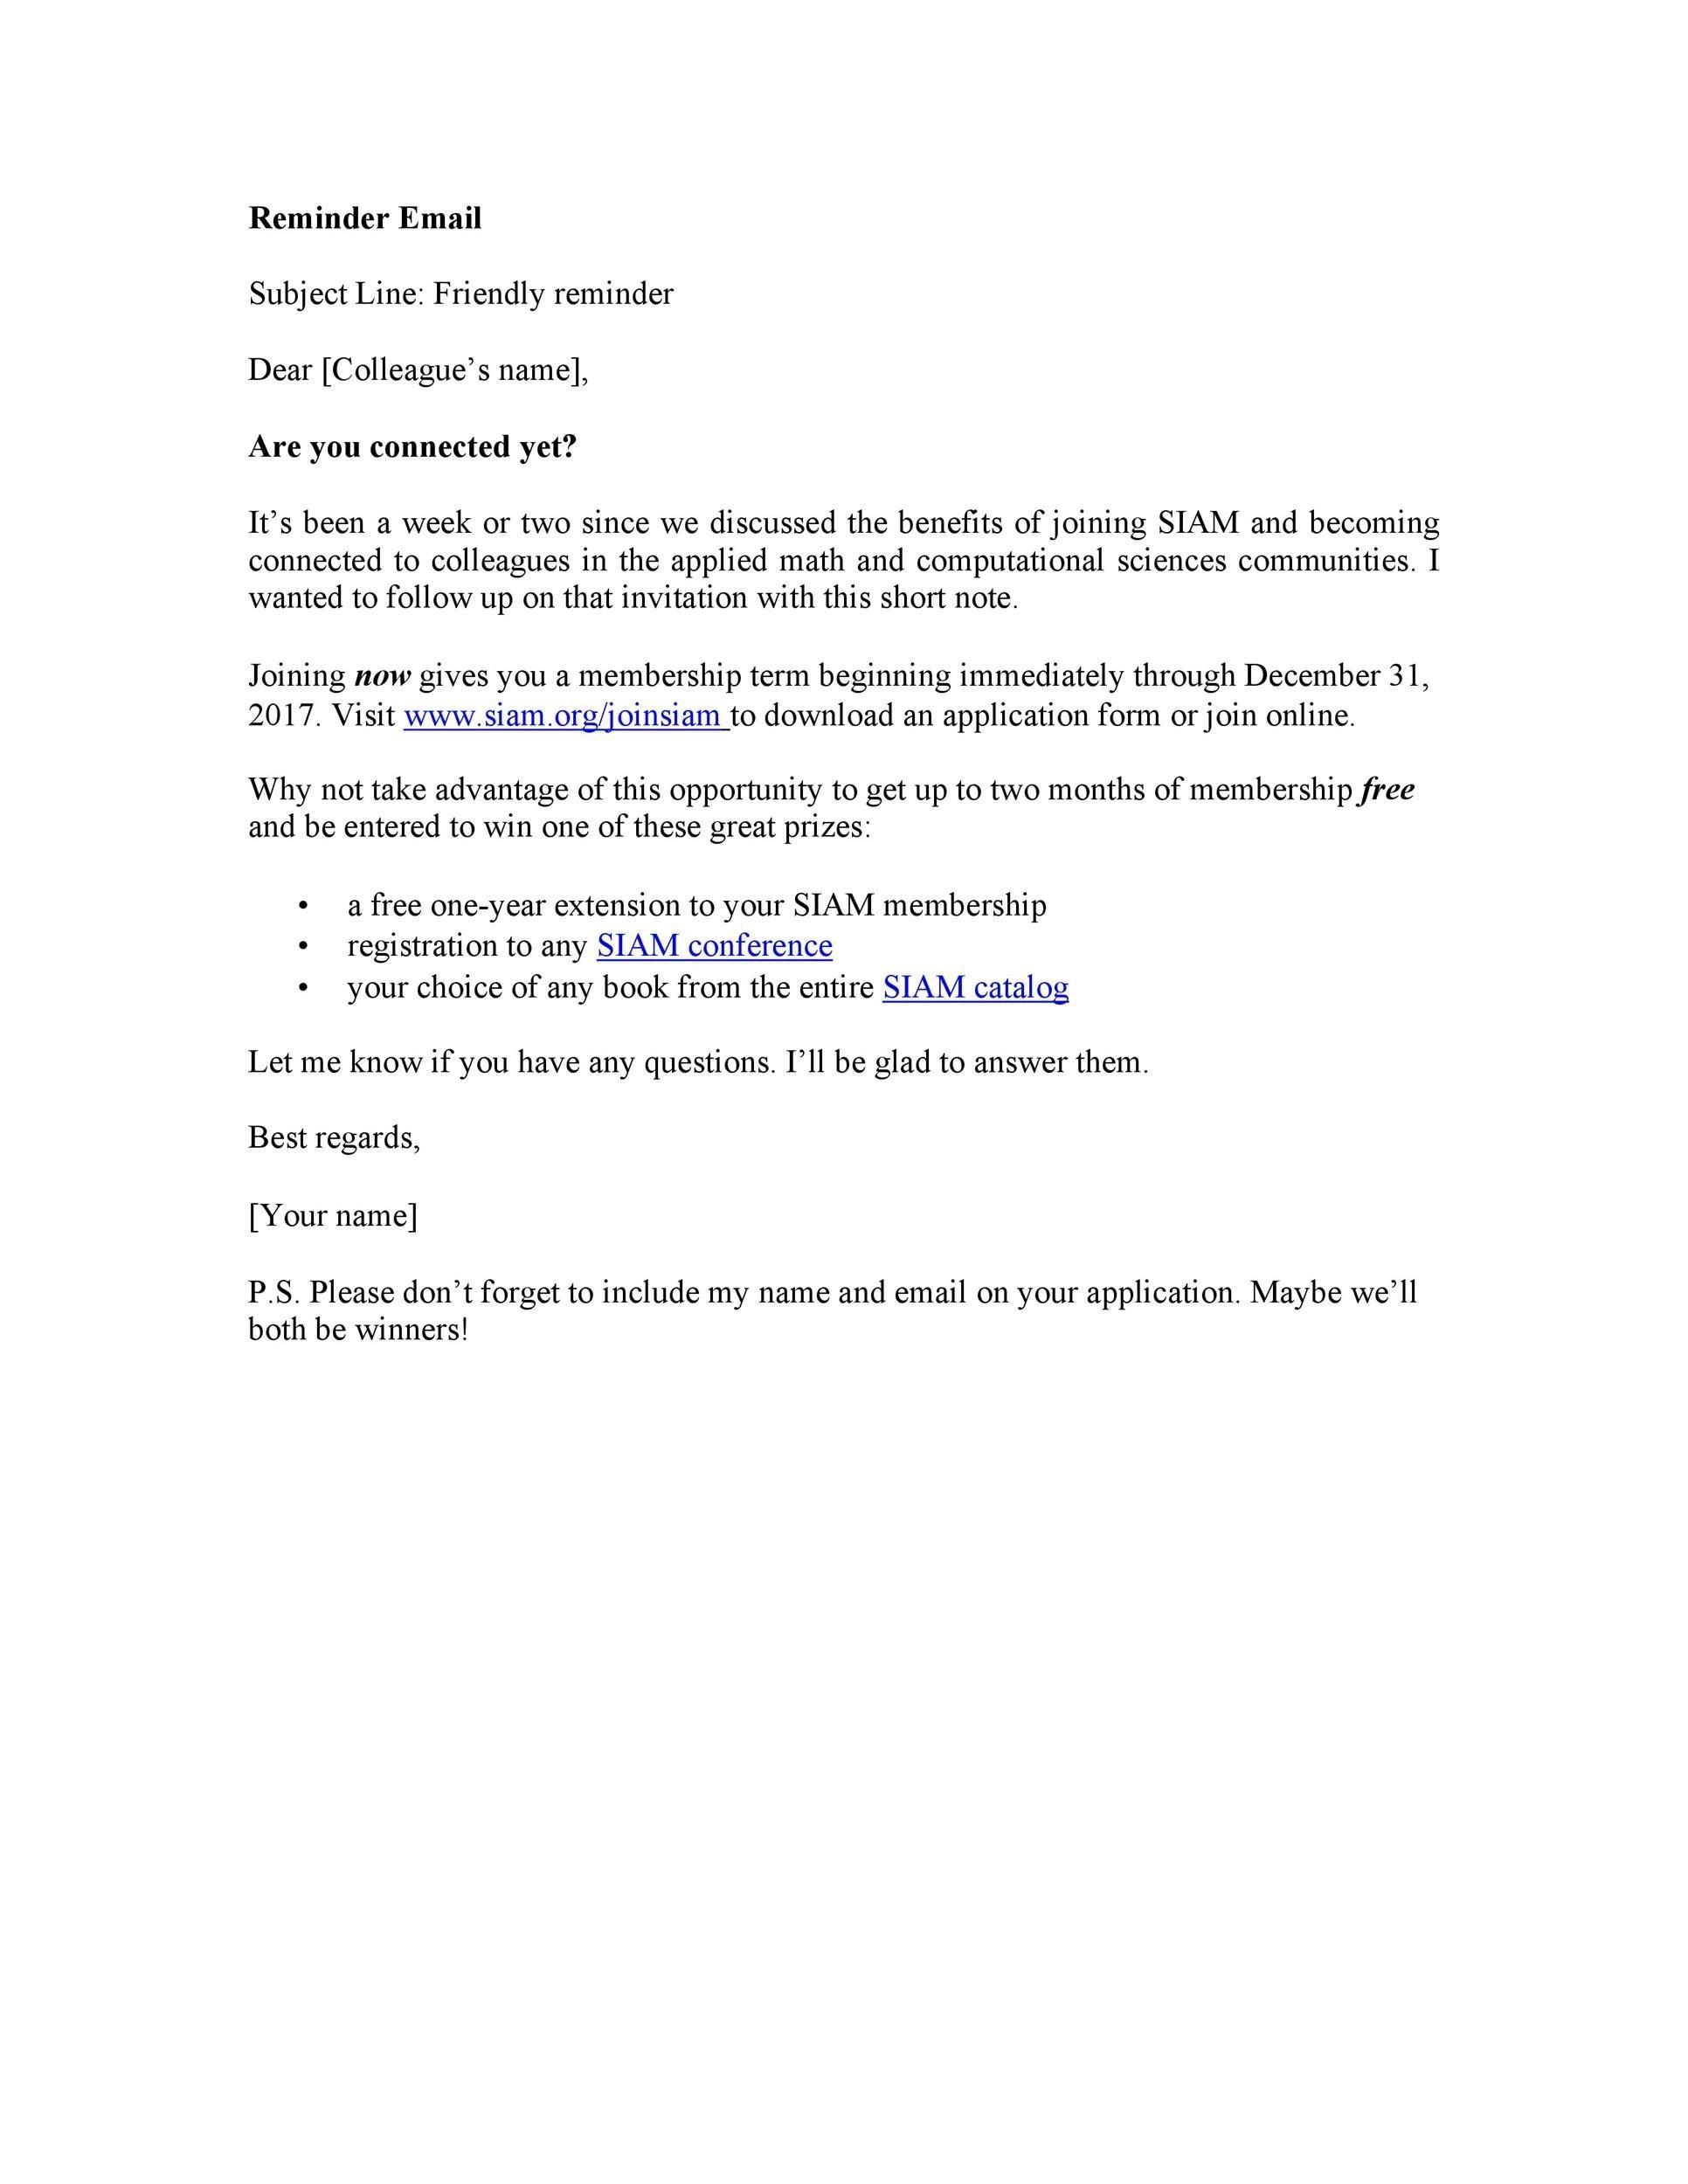 Free reminder email sample 08